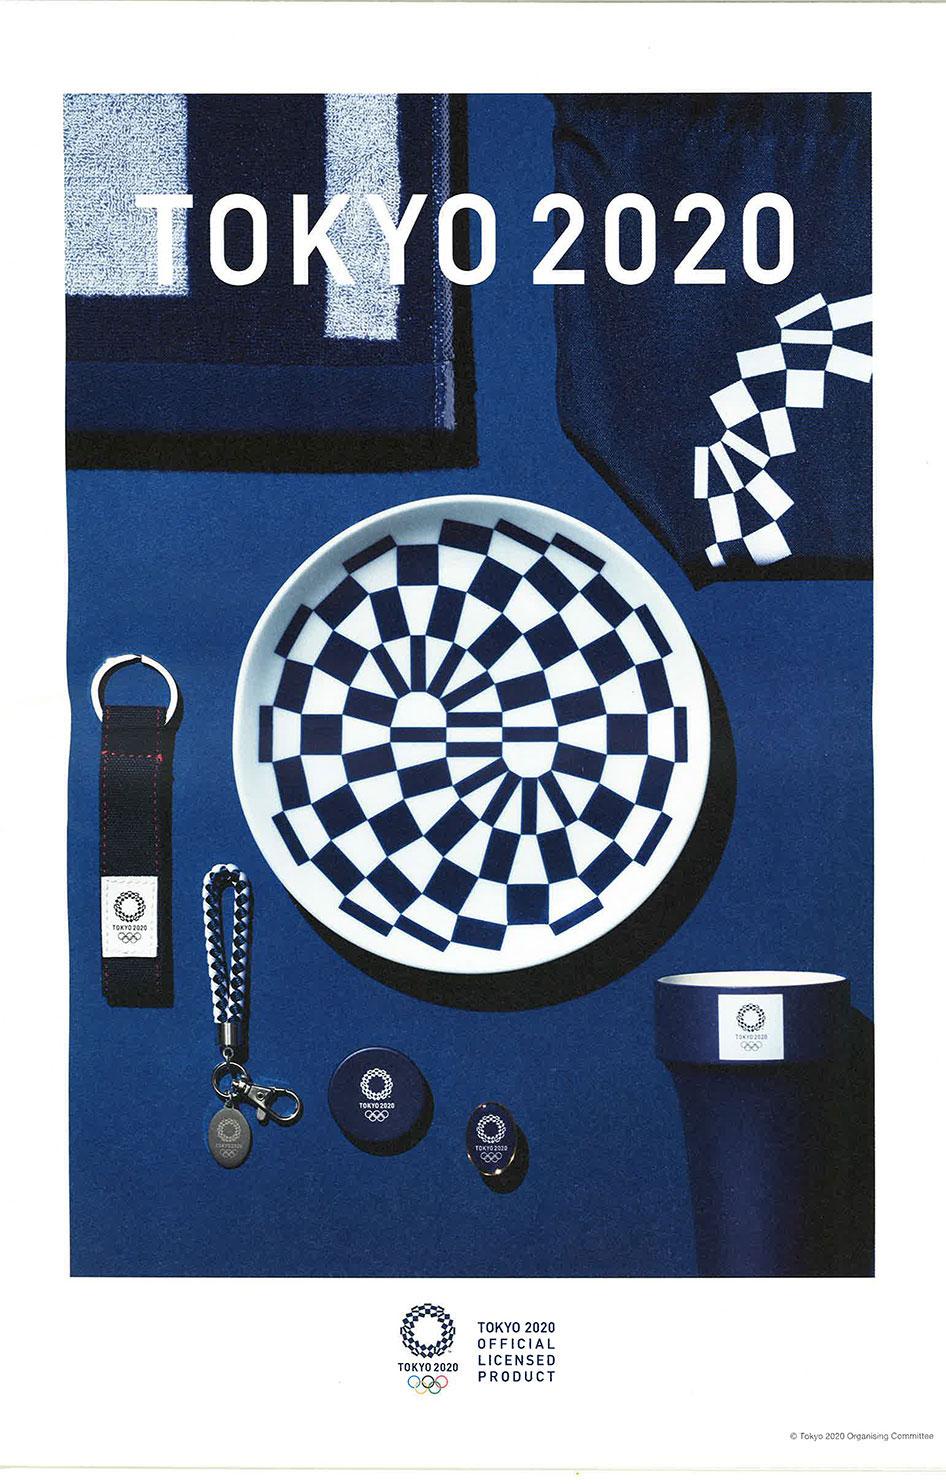 TOKYO2020「東京オリンピック オフィシャル ライセンス プロダクト」カタログデザイン